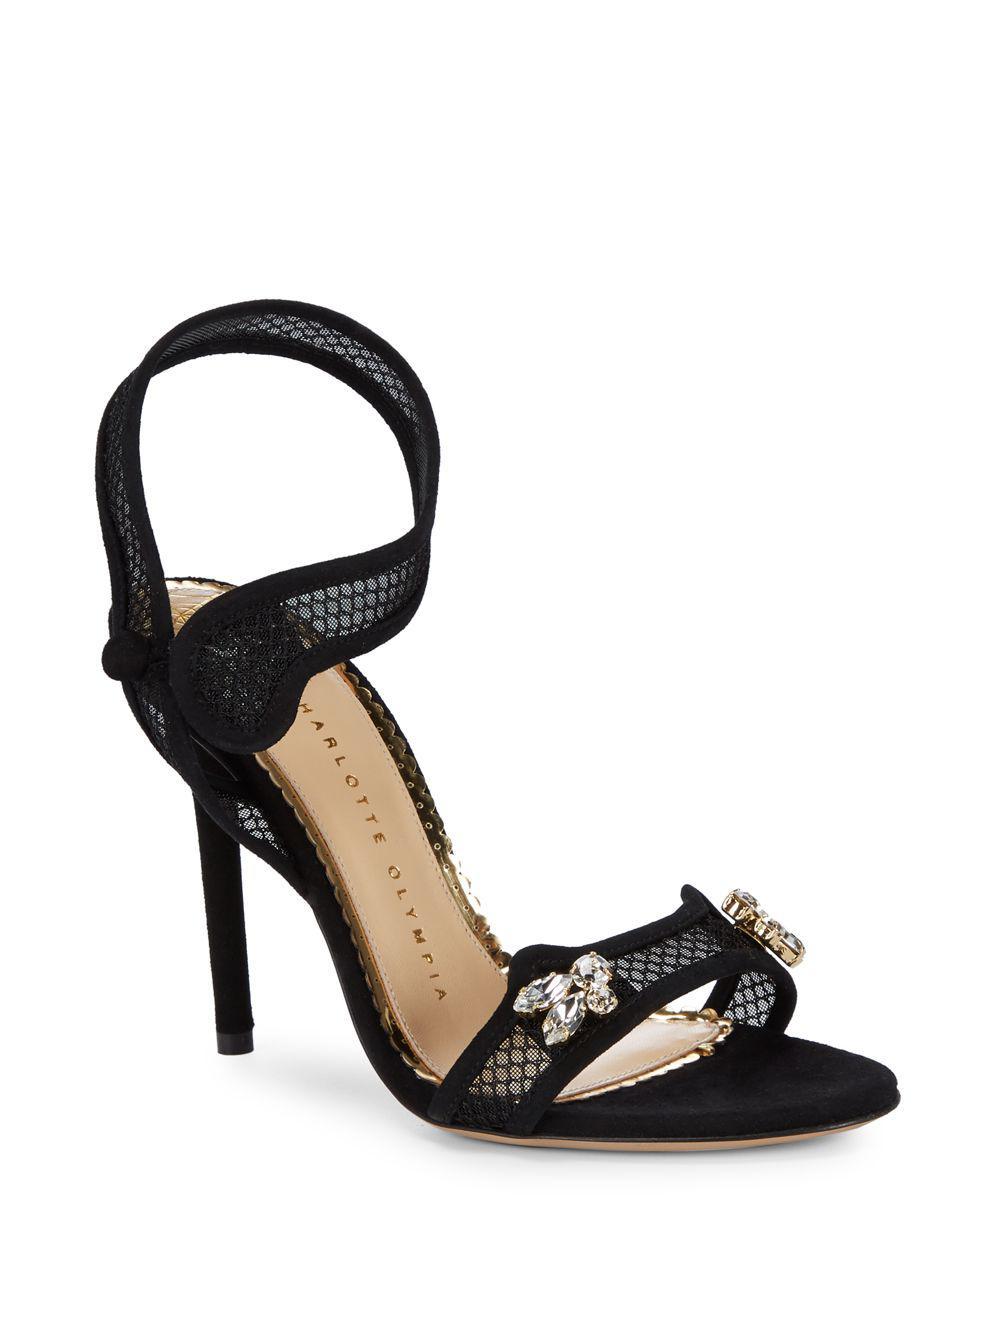 embellished sandals - Black OLYMPIAH zphkpEM